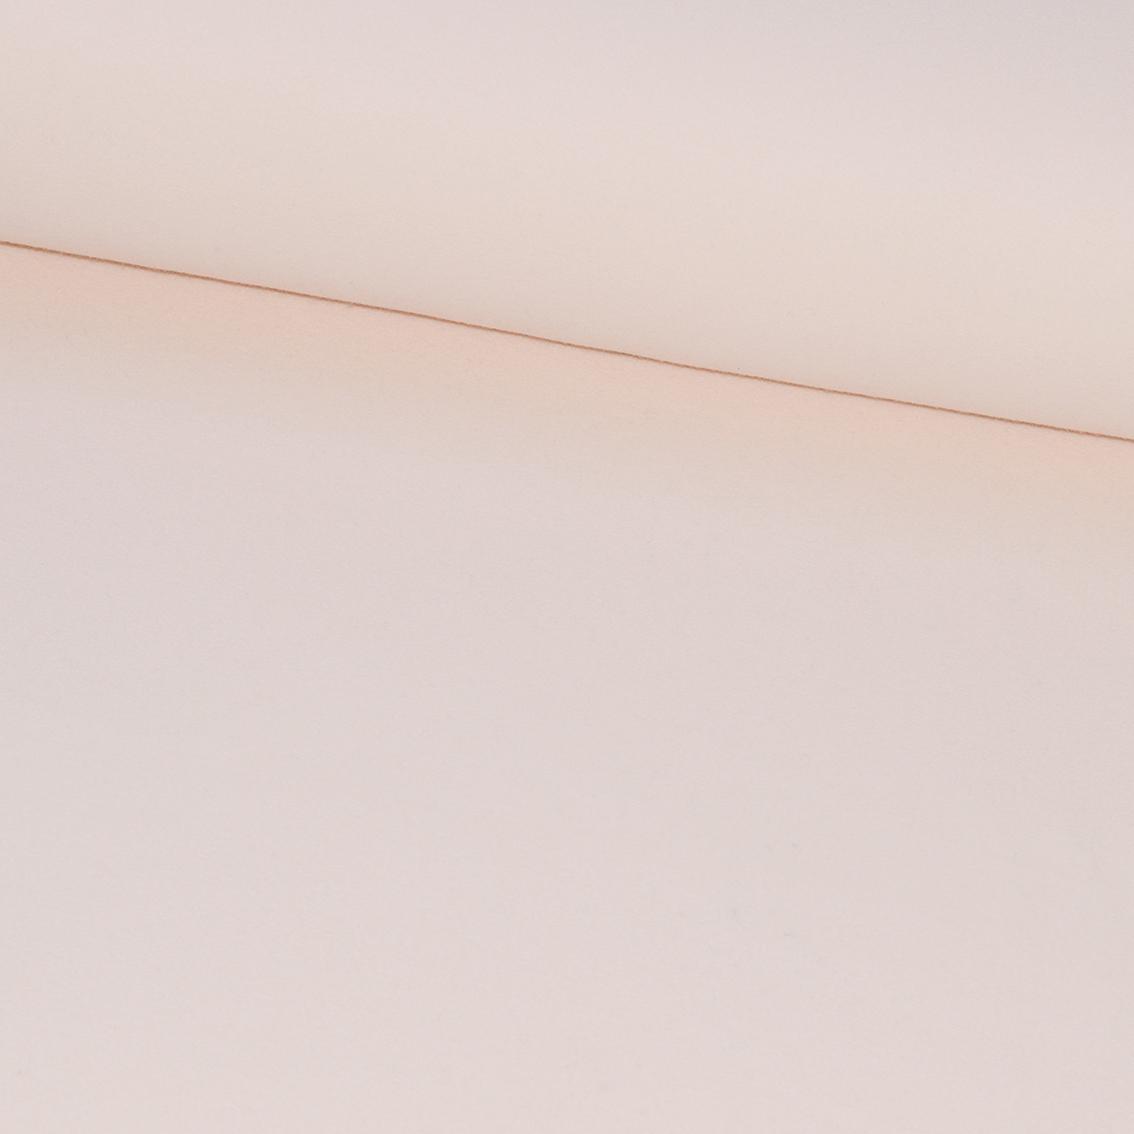 stoff liebe aus liebe wird stoff bio baumwollfleece natur stoffe online kaufen. Black Bedroom Furniture Sets. Home Design Ideas